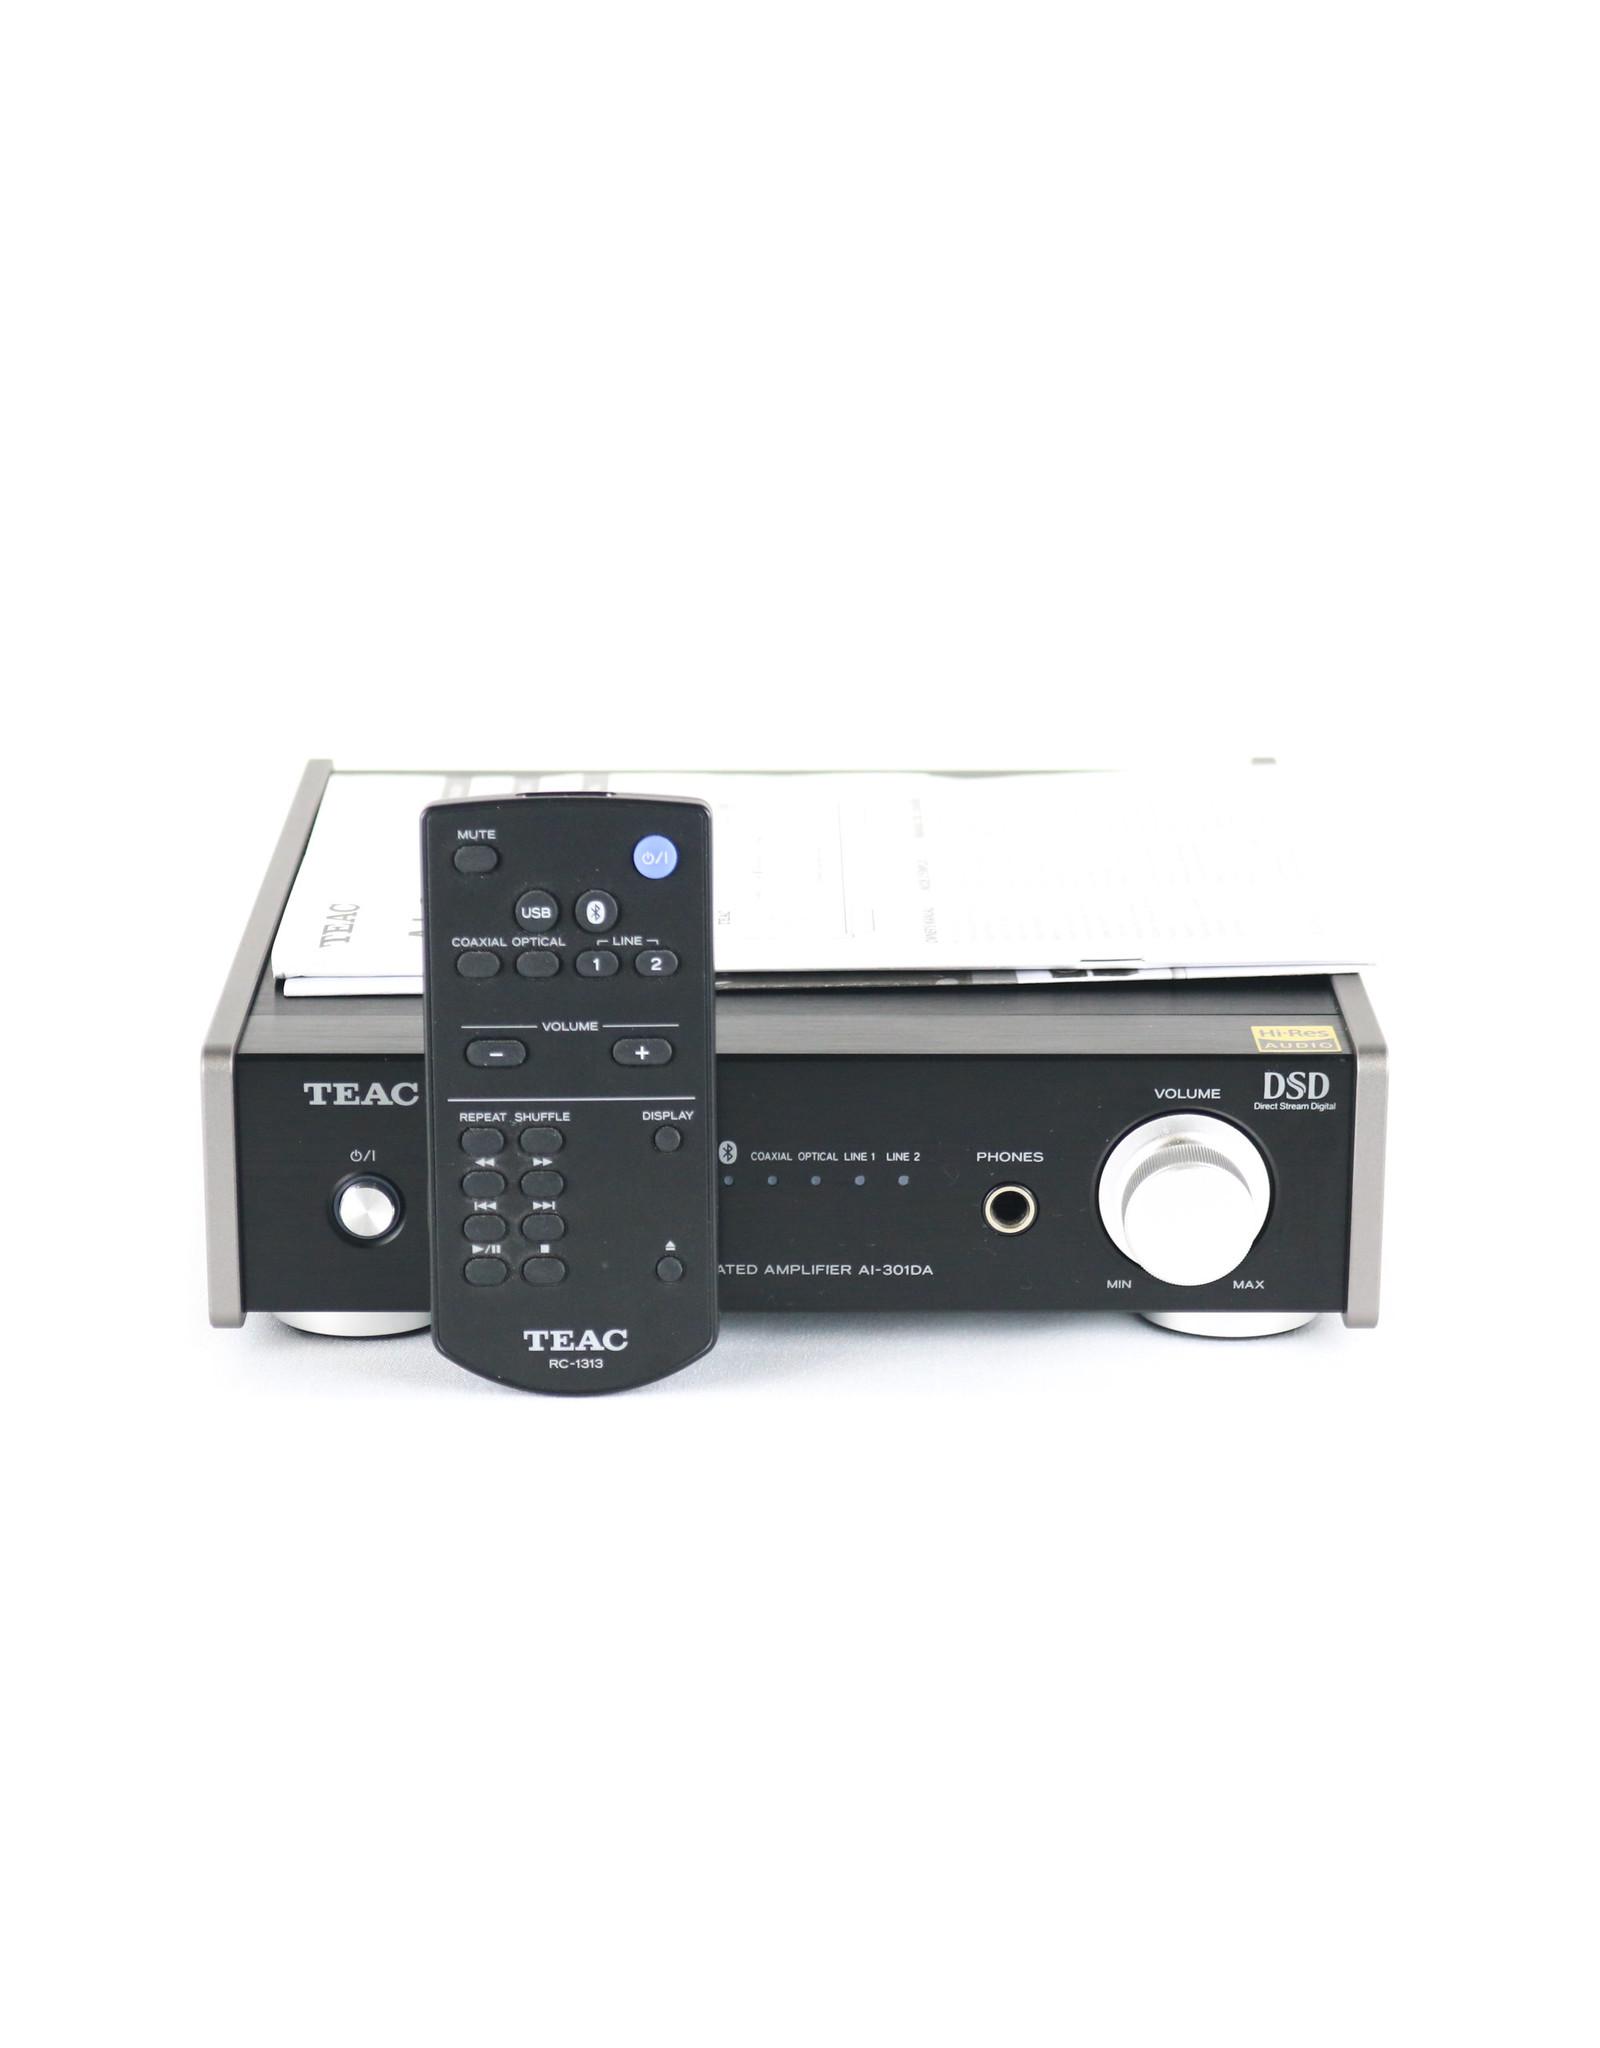 Teac Teac AI-301DA Integrated Amp Black USED